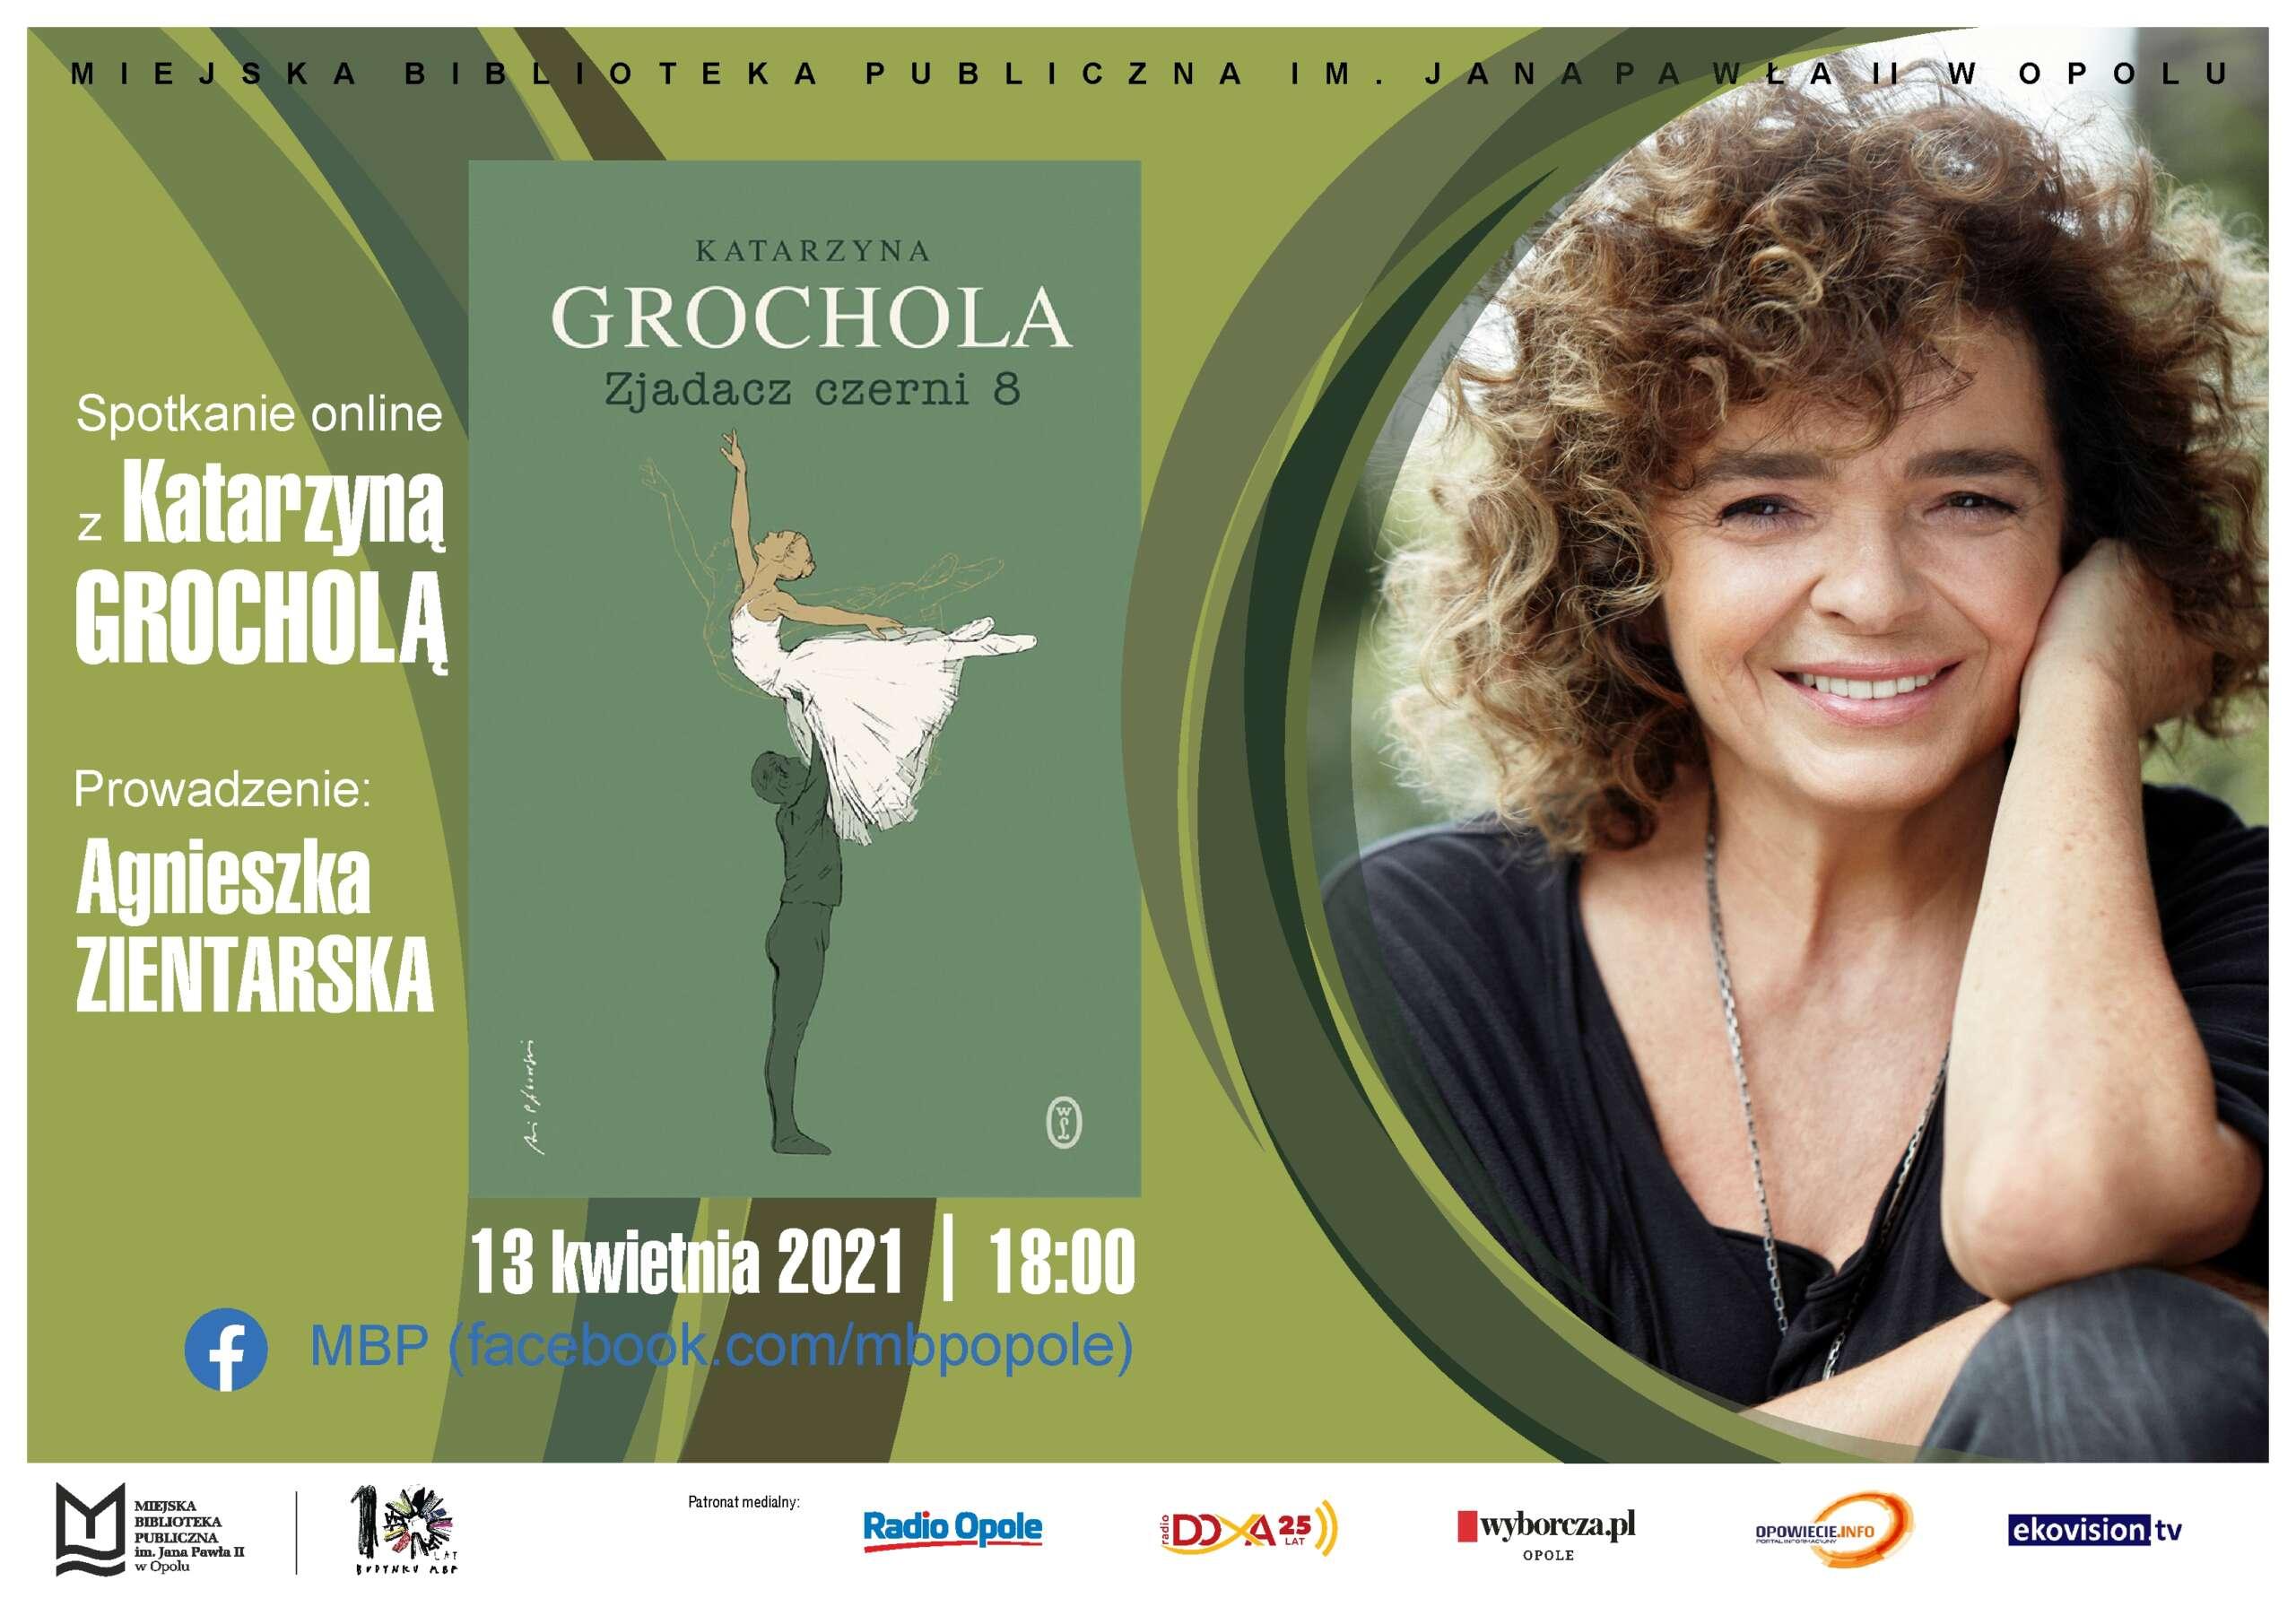 Spotkanie online z Katarzyną Grocholą już we wtorek